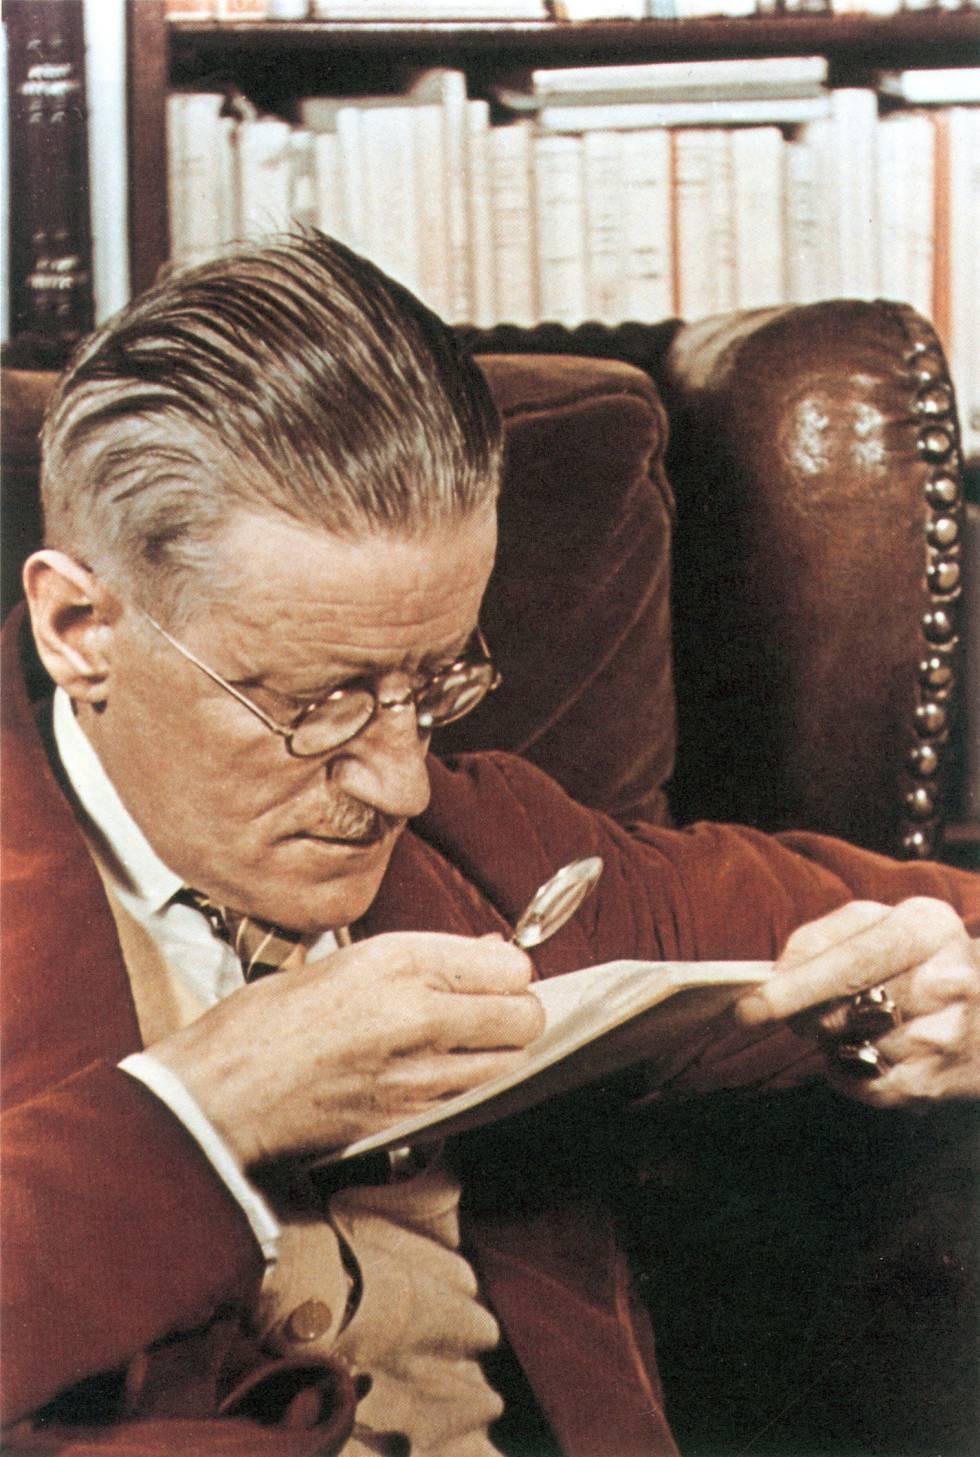 O escritor James Joyce, fotografado por Gisèle Freund, em 1939.